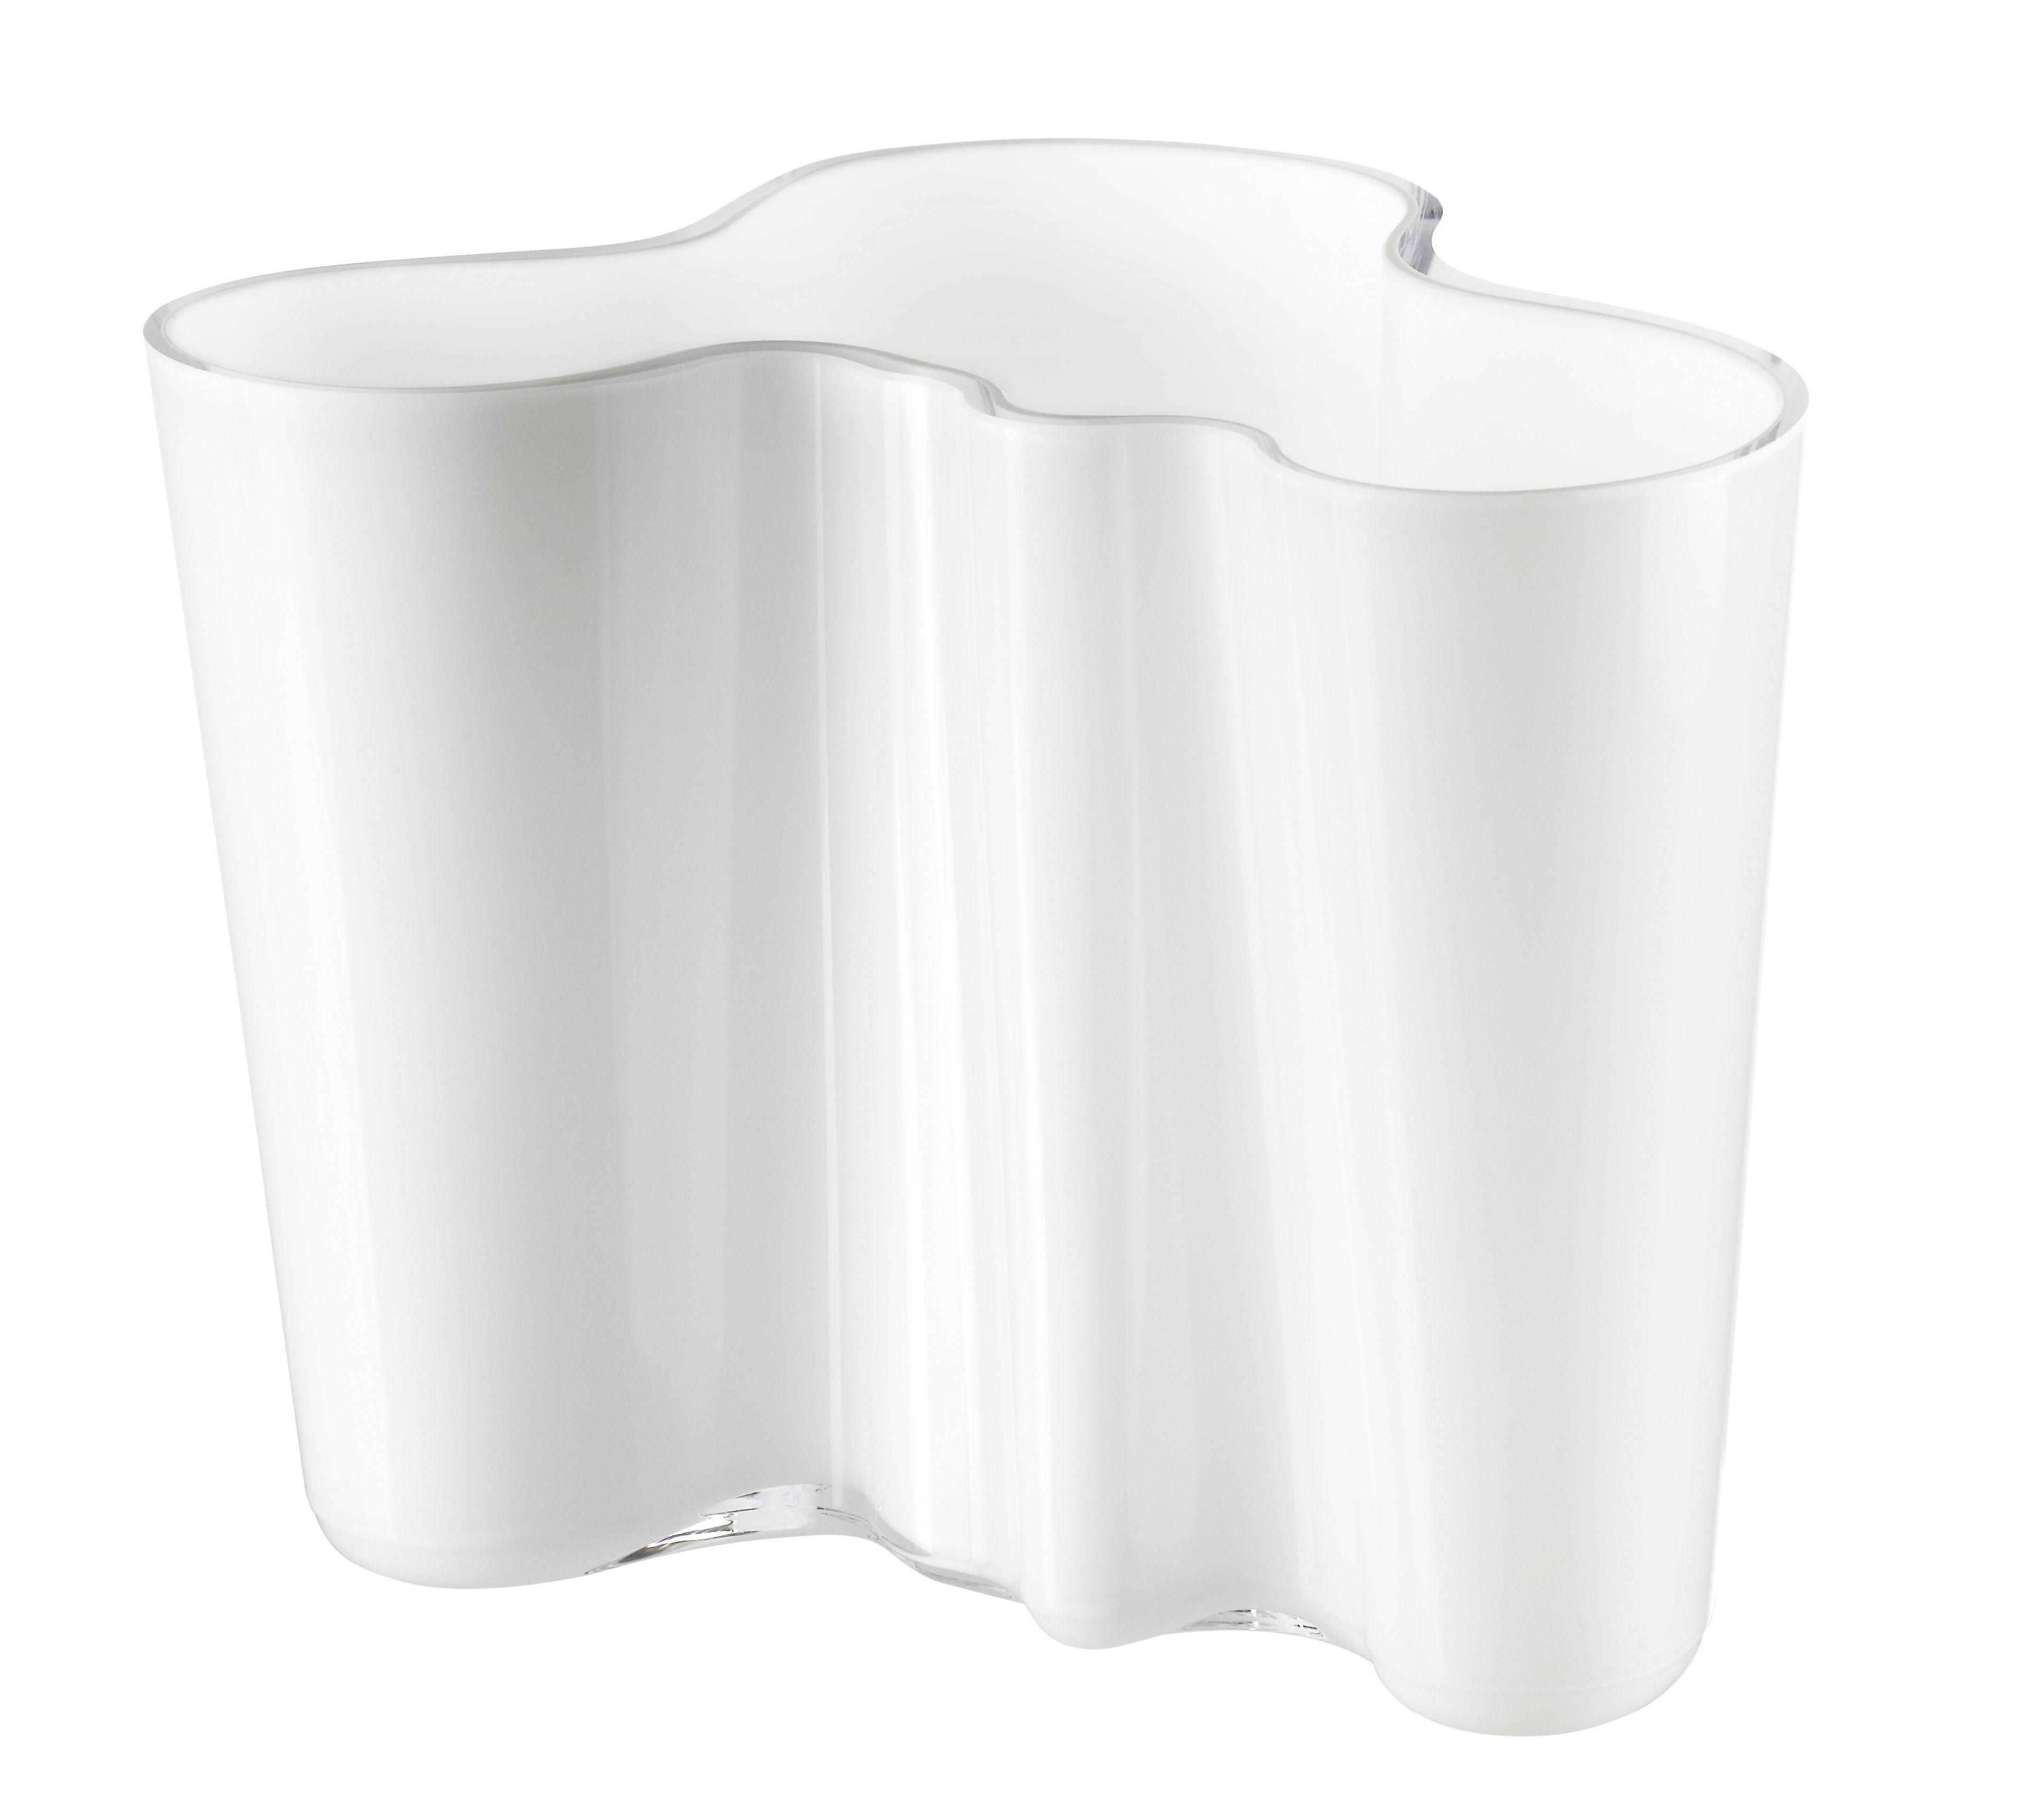 Déco - Vases - Vase Aalto / H 16 cm - Iittala - Opaline - Verre